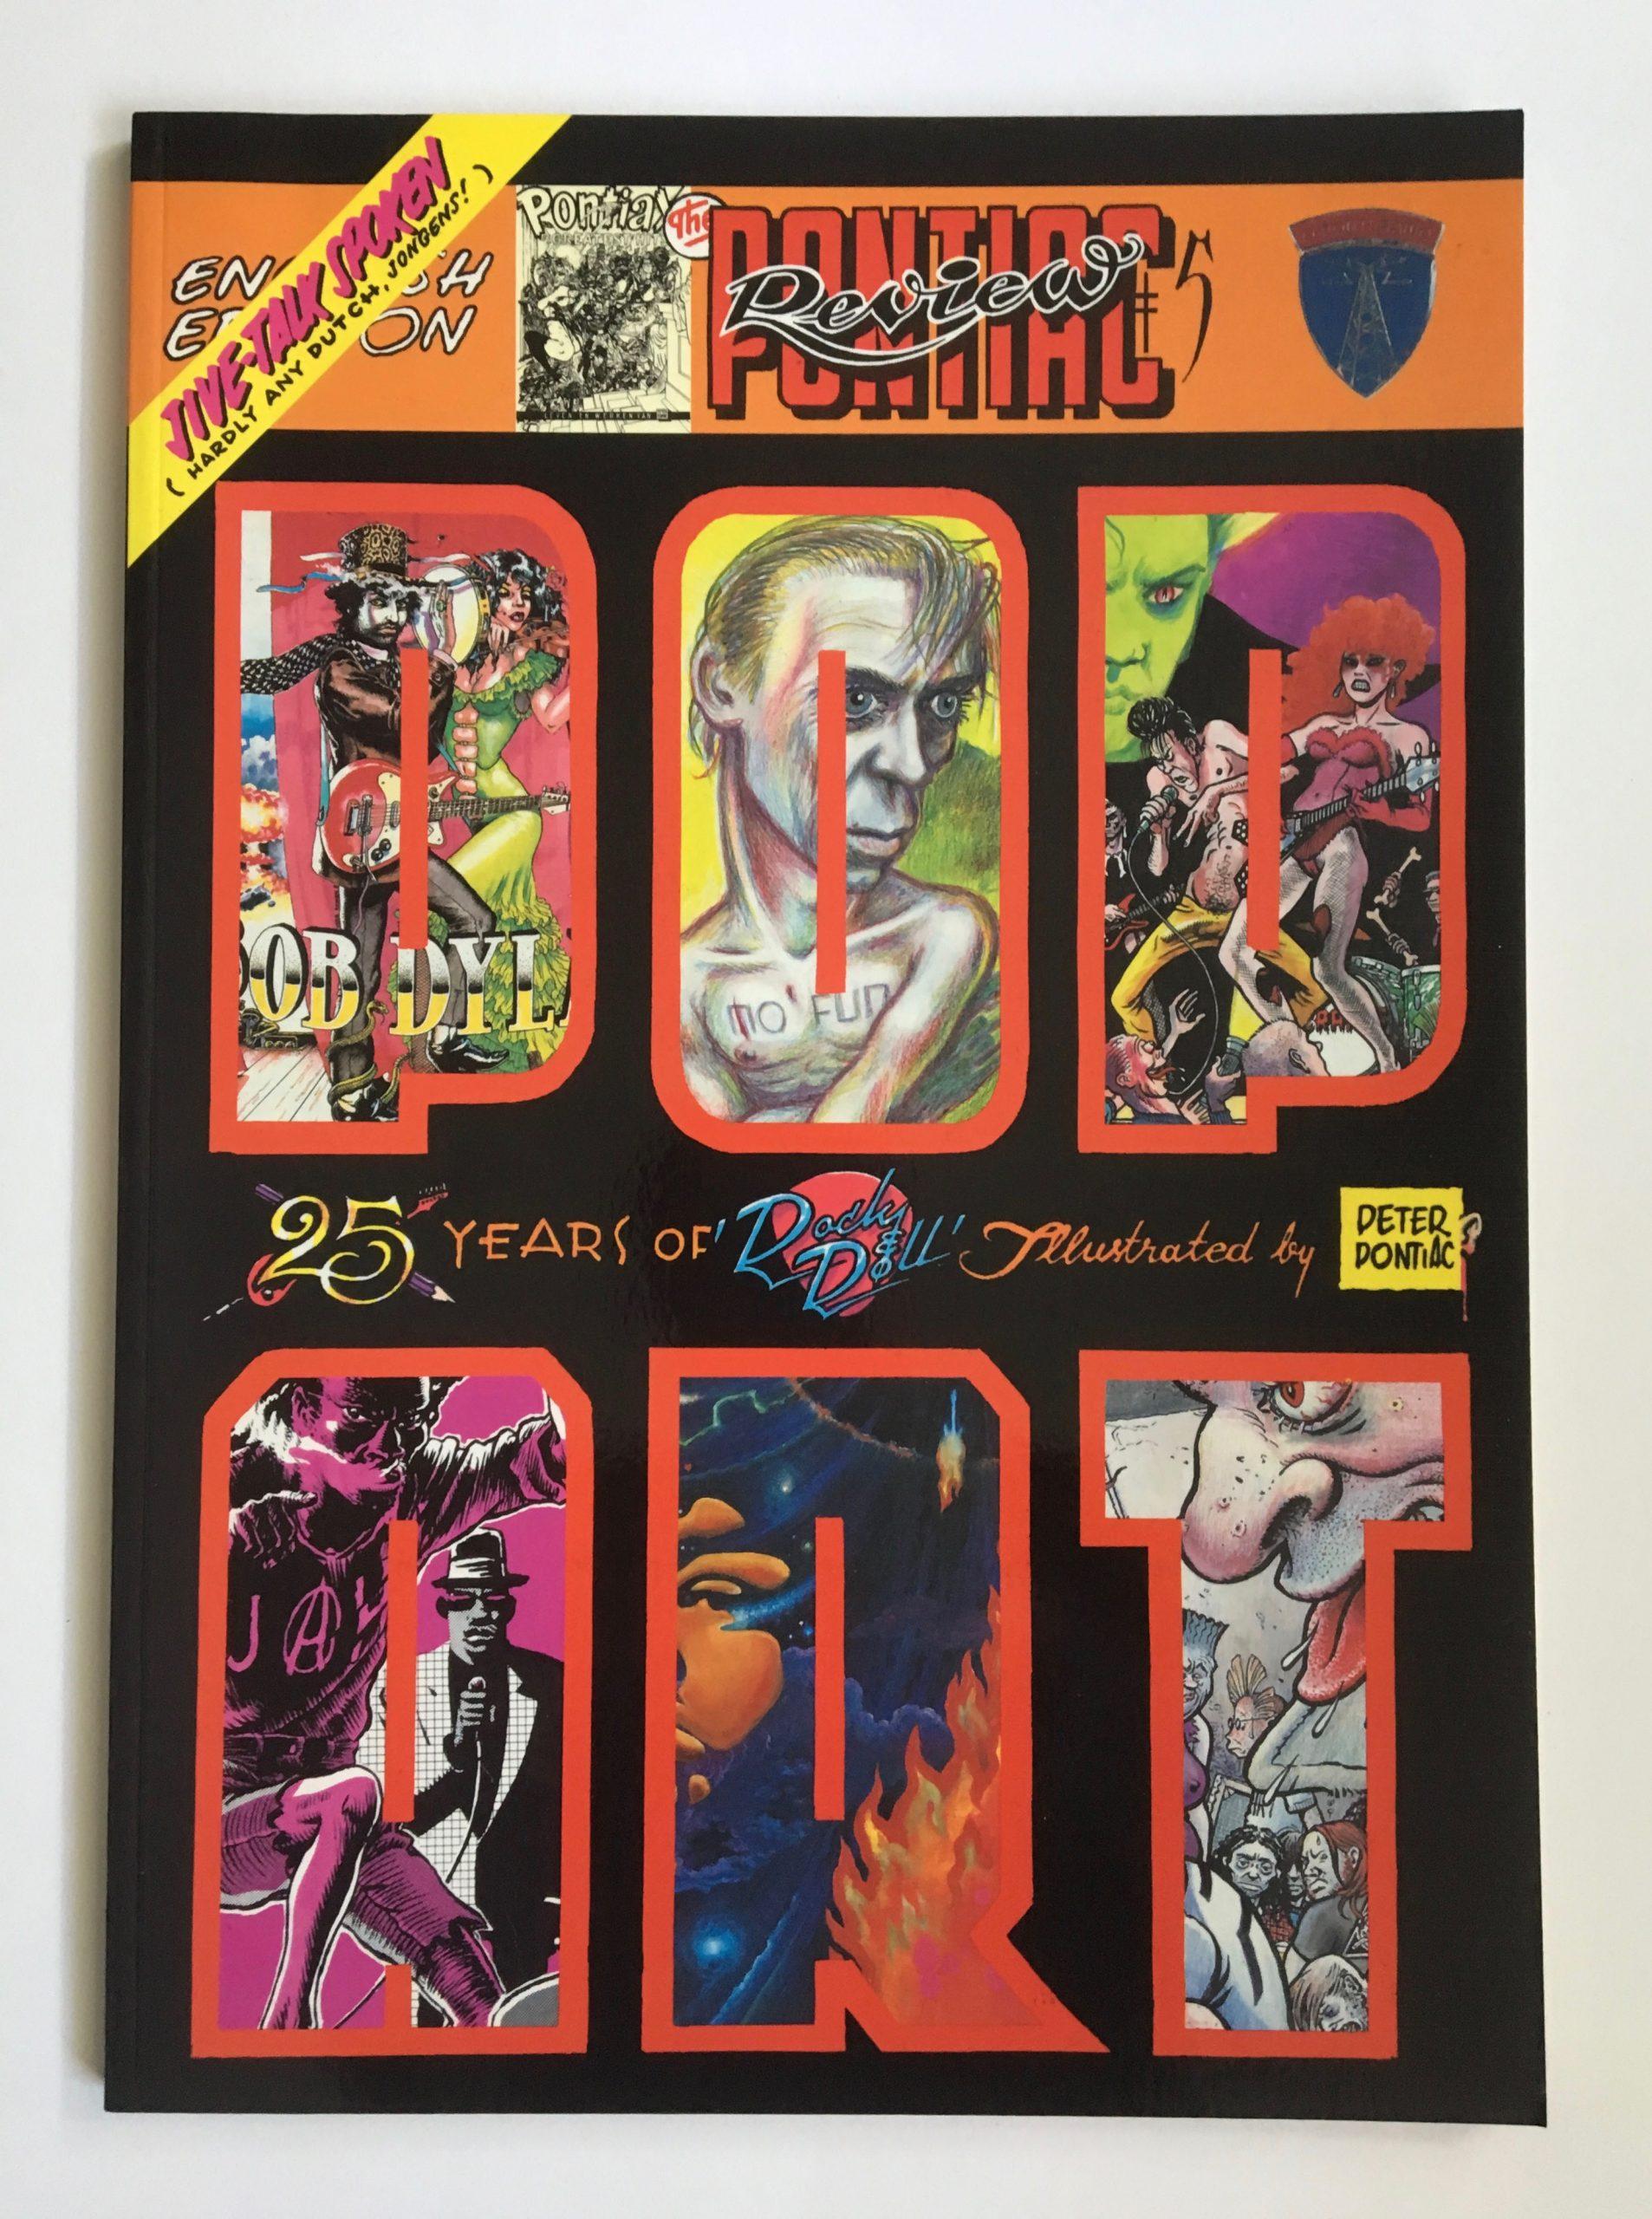 Pontiac Review #5 – Pop Art